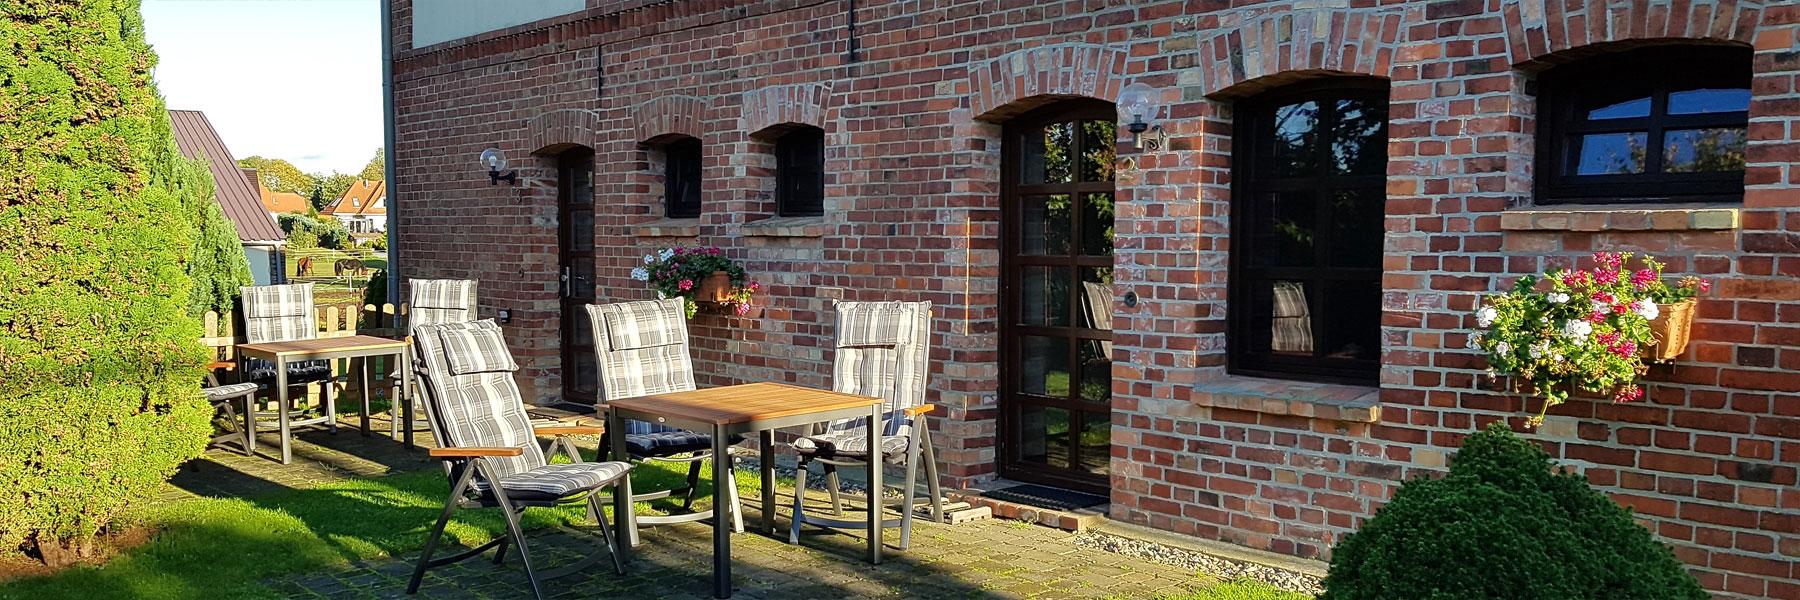 Terrasse - Ferienwohnungen Oliver Stechow